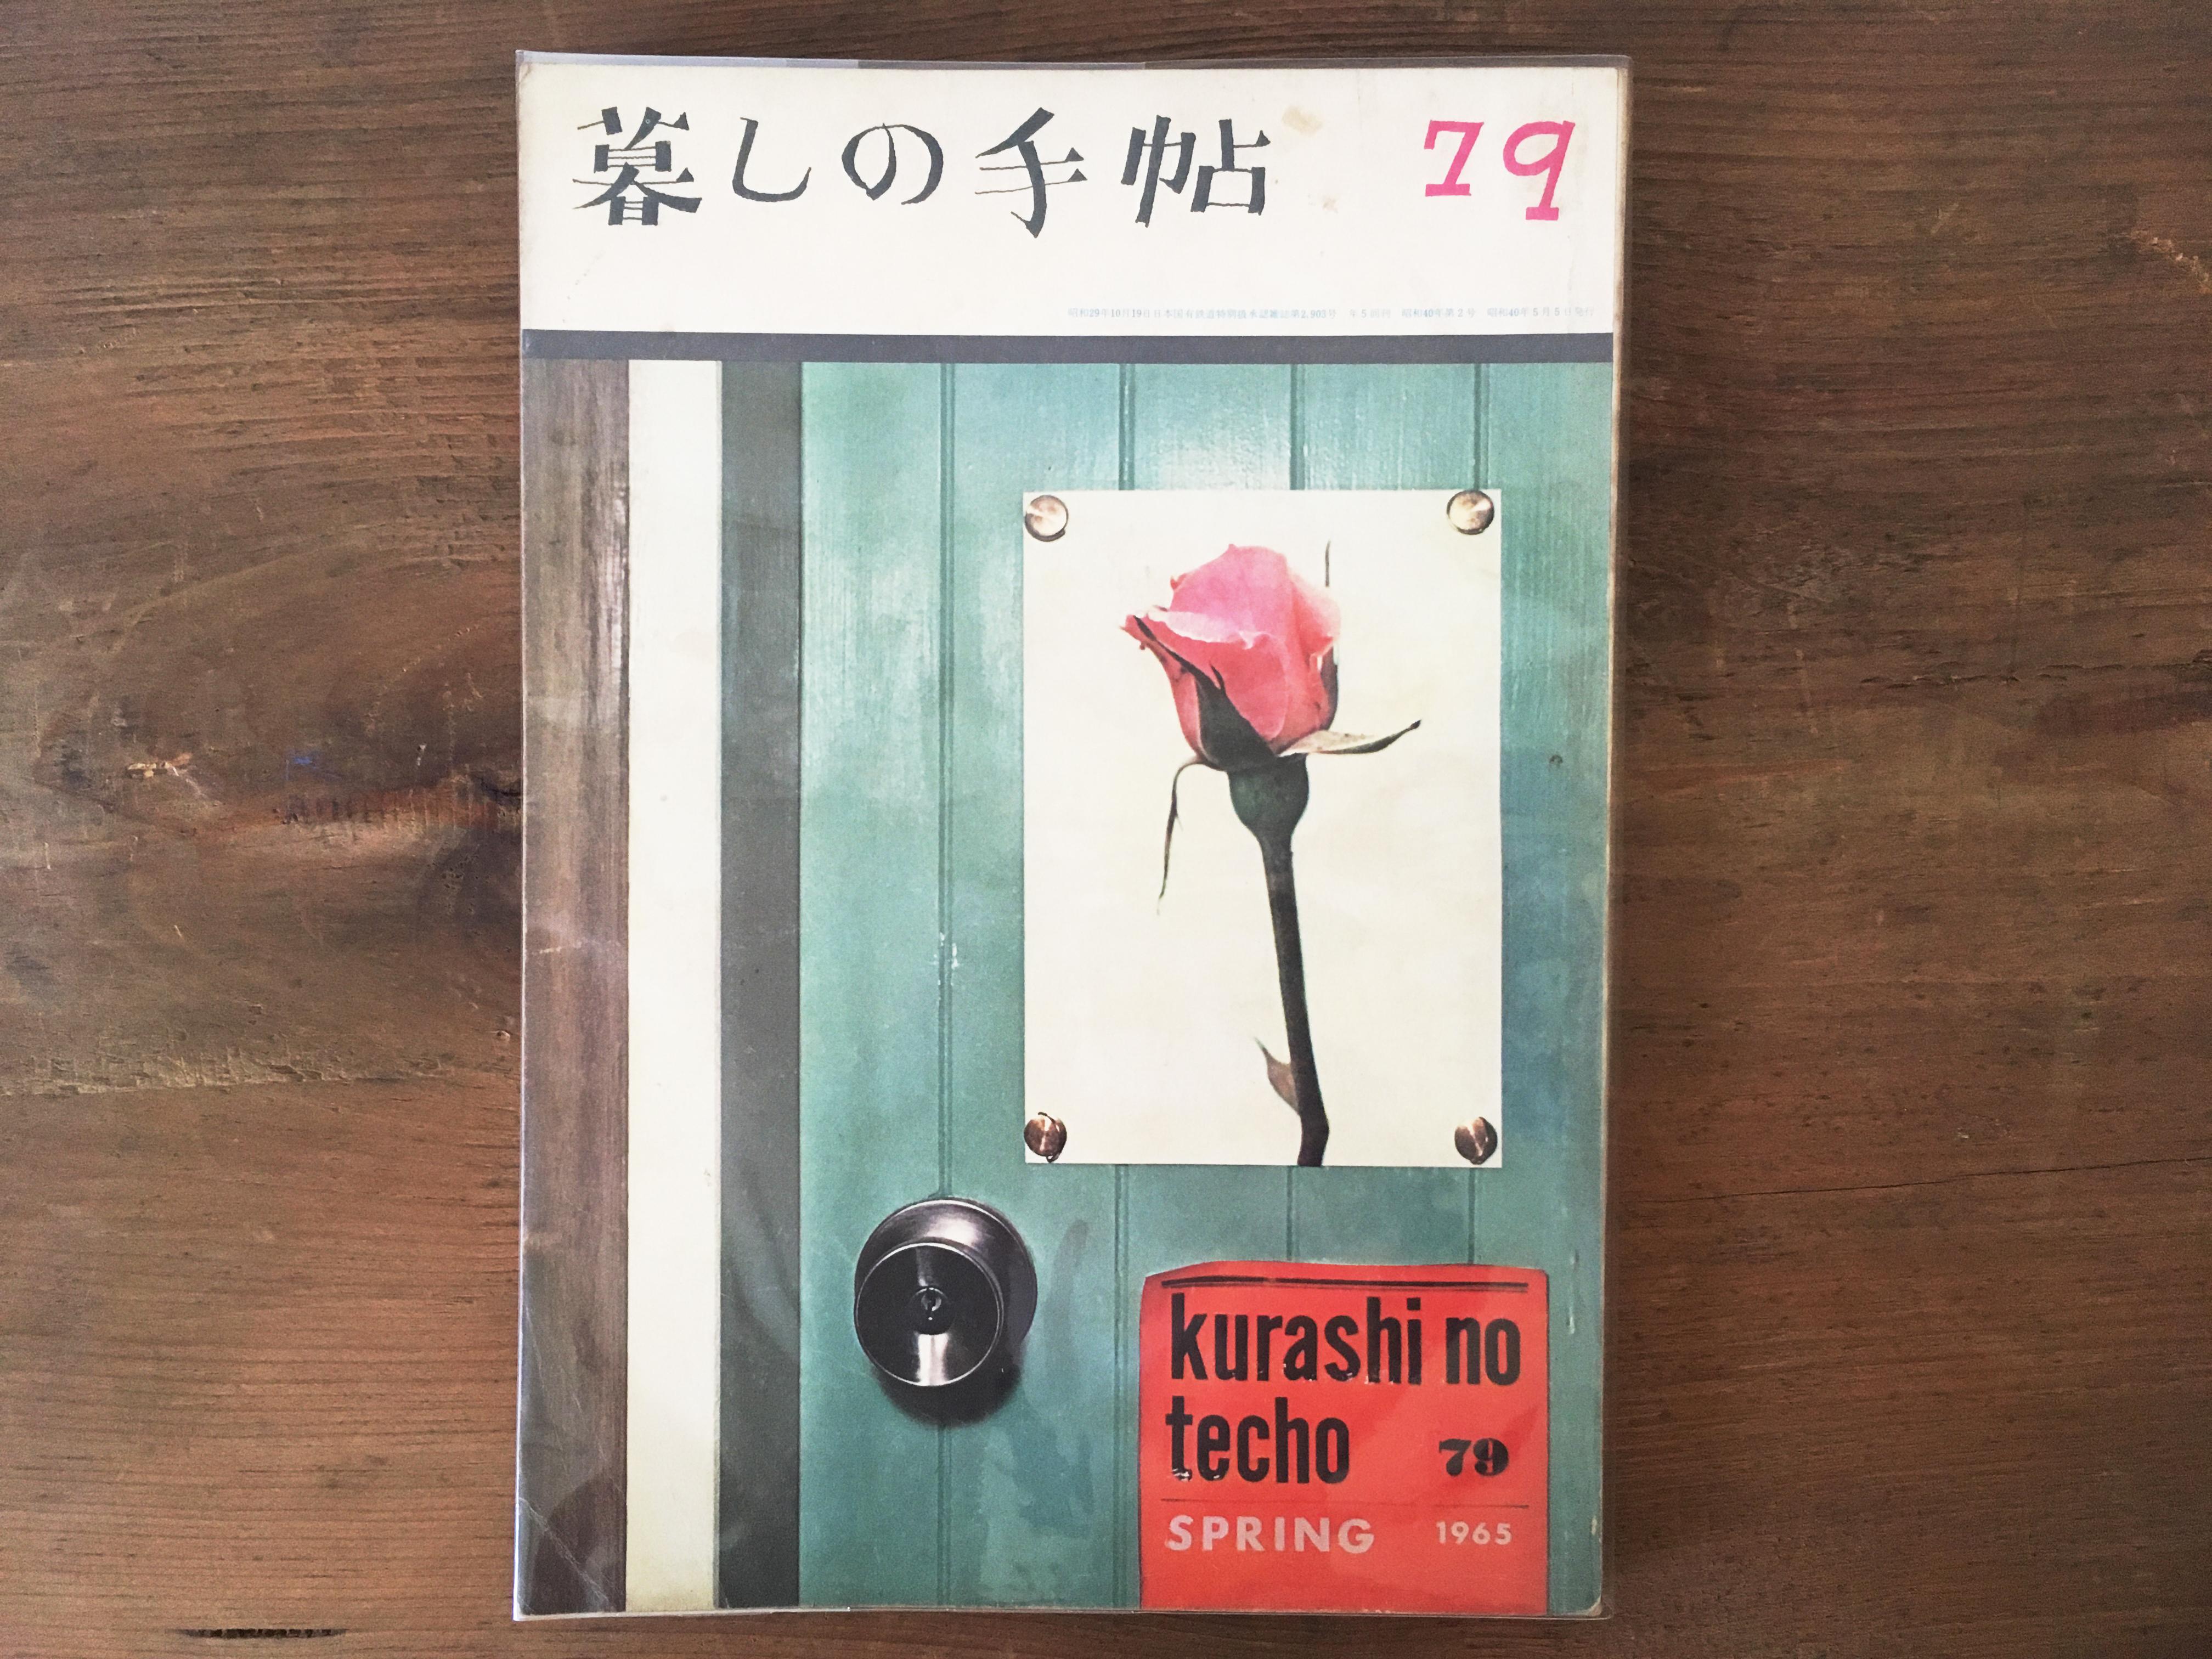 [古本]雑誌 暮しの手帖 1965年 春 79号(第1世紀)